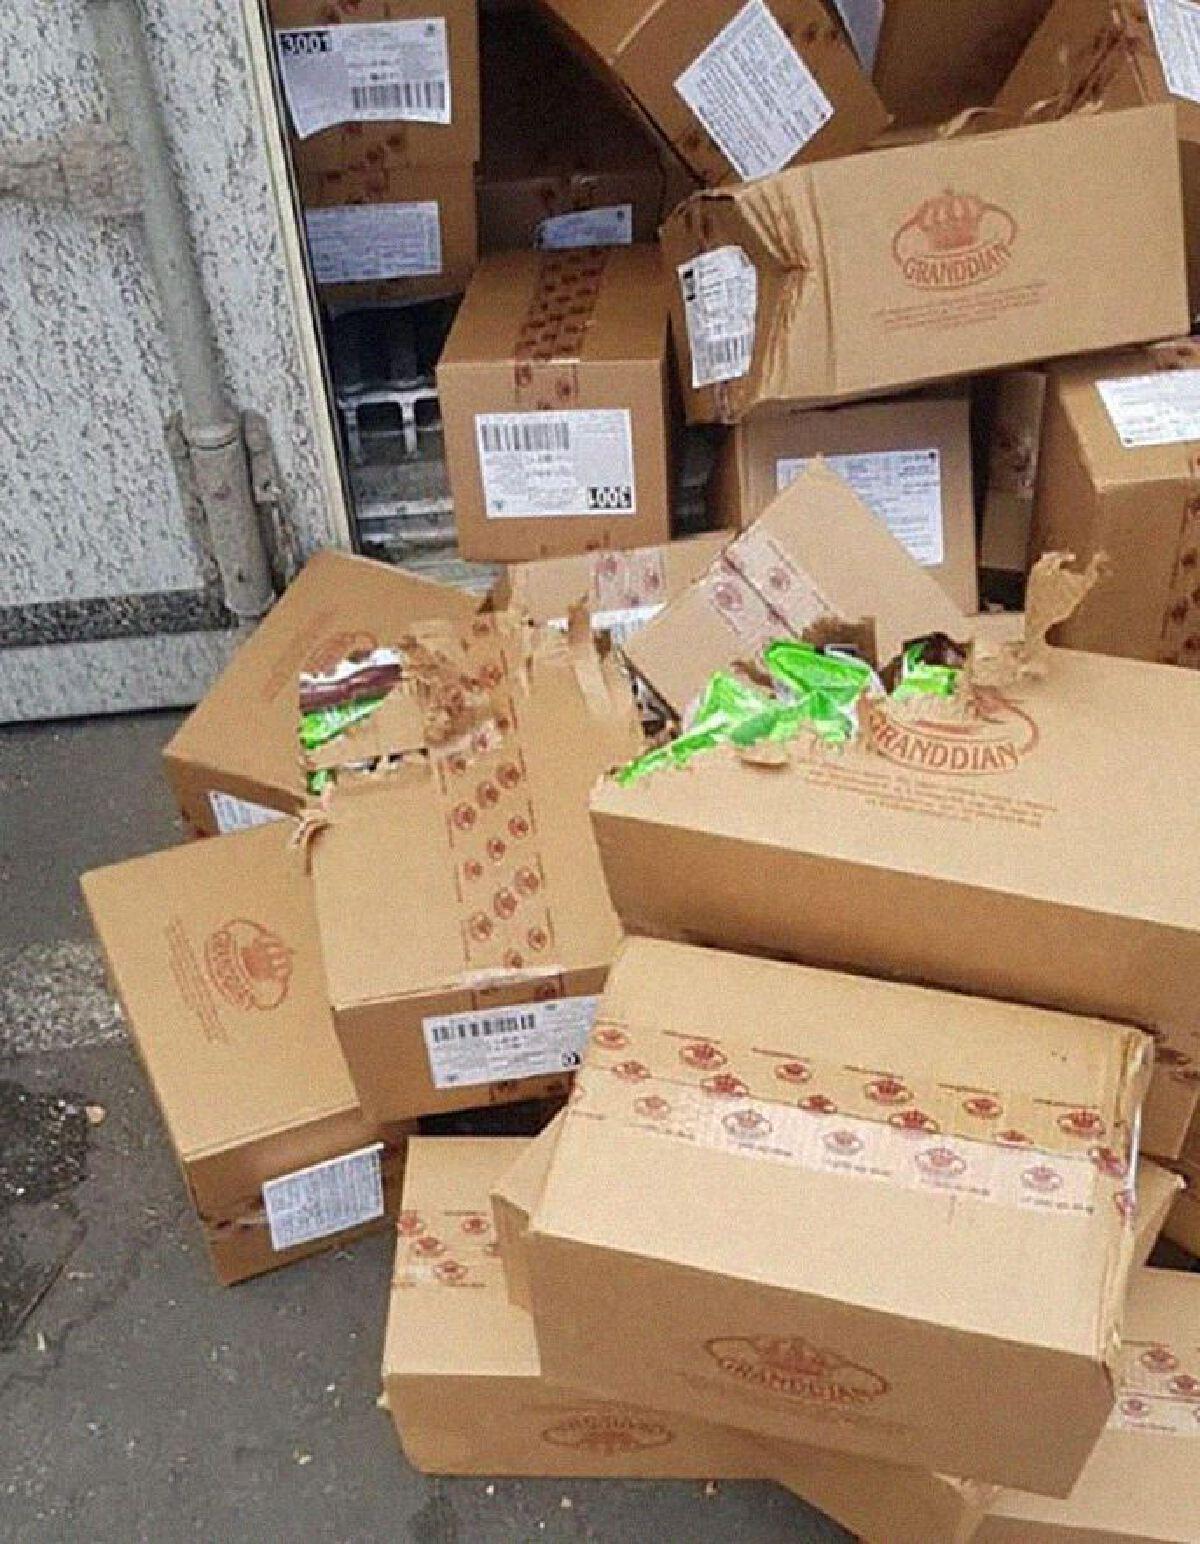 แมวน้อยติดในตู้ขนส่งนาน 3 สัปดาห์ เดินทาง 3000 กม.ข้ามประเทศ